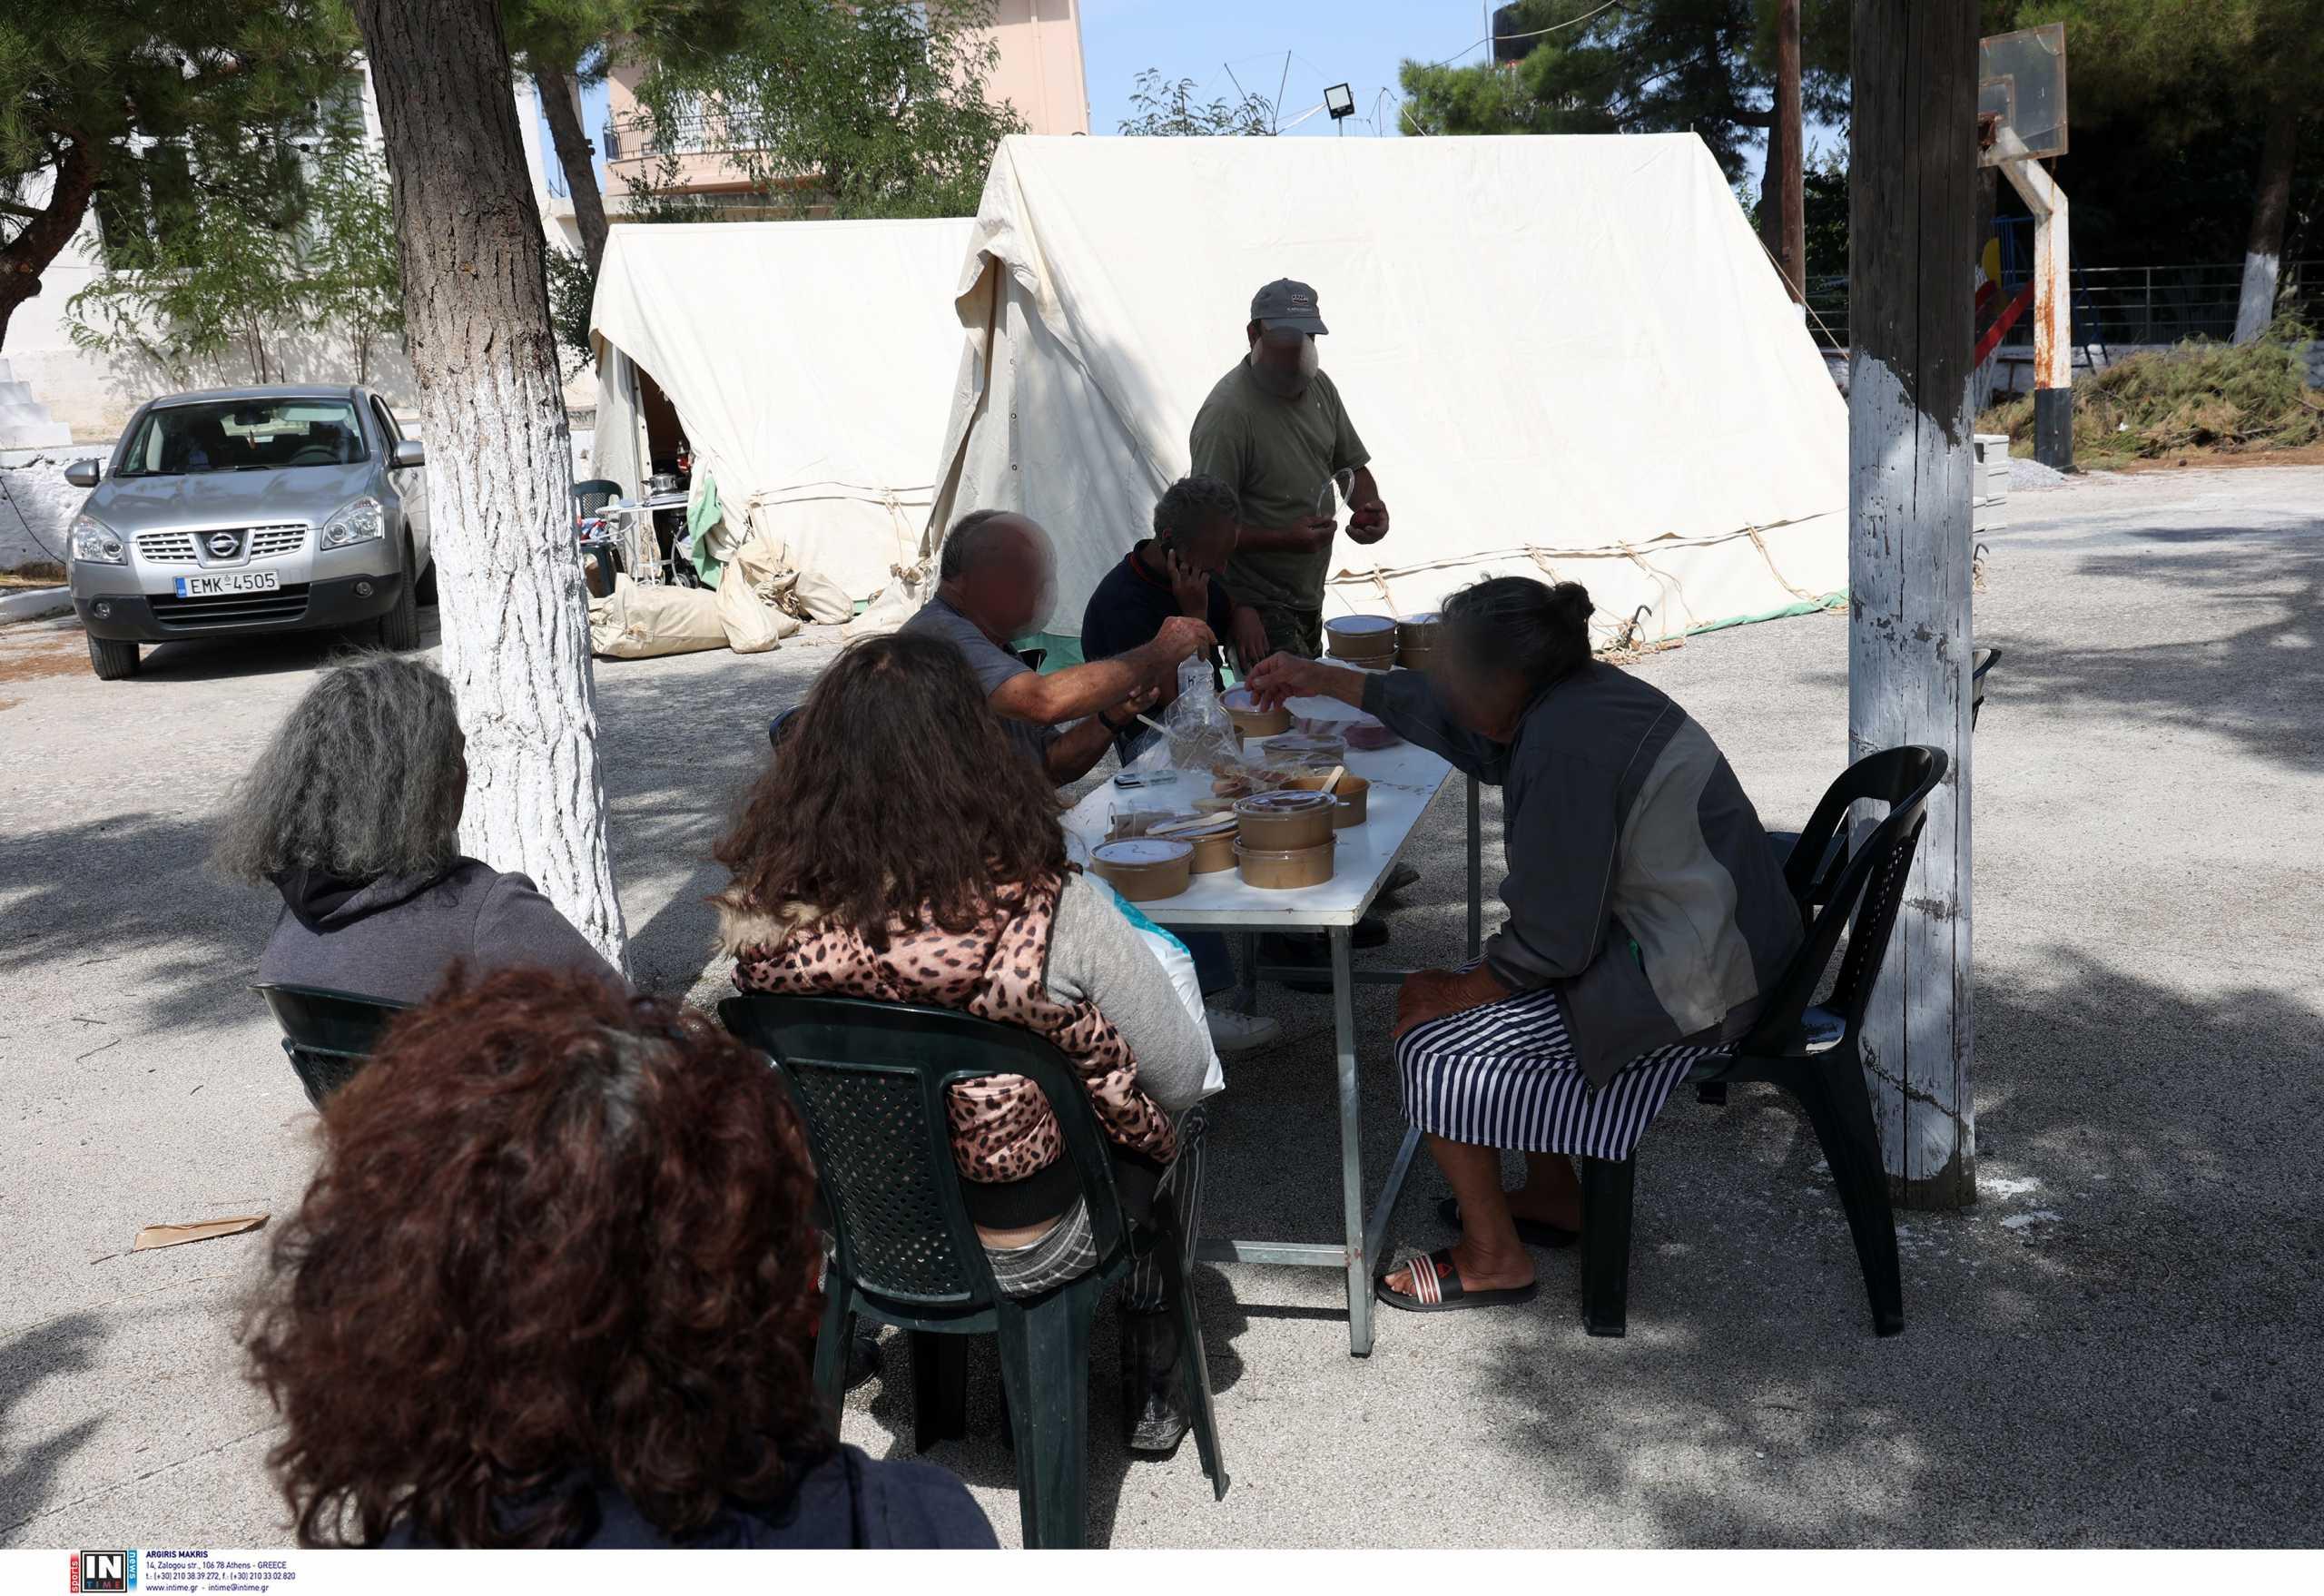 Σεισμός στην Κρήτη: Φτάνουν τα πρώτα κοντέινερ για τους σεισμόπληκτους